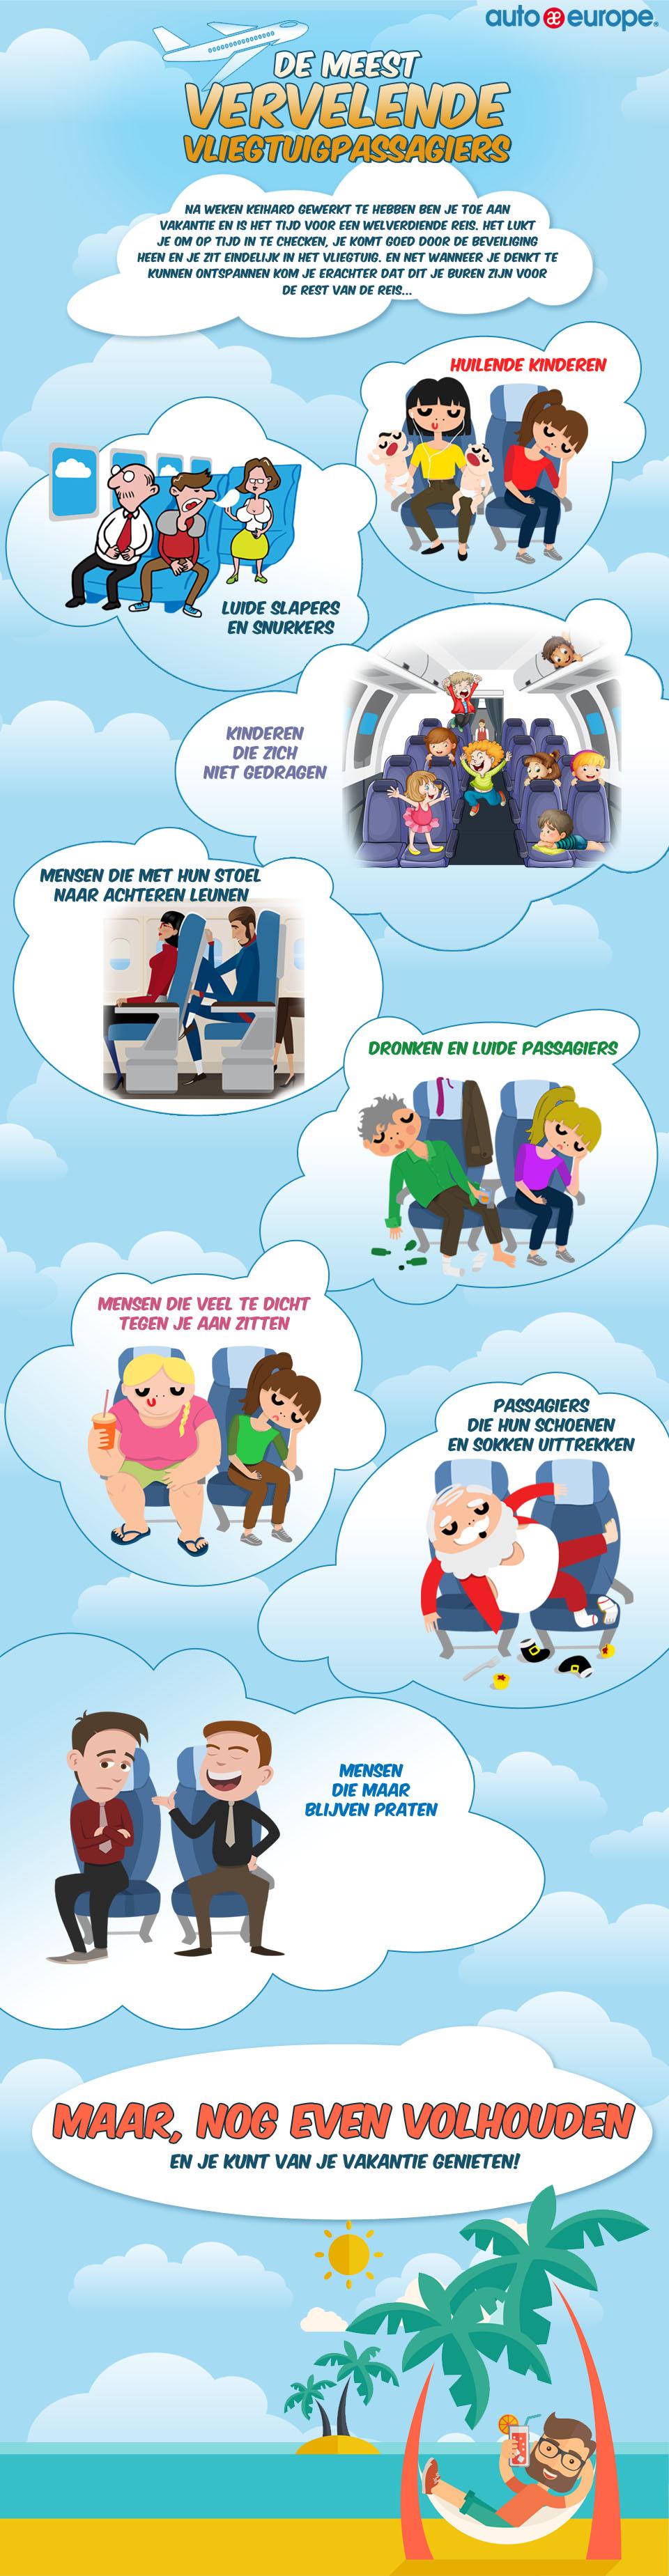 Infographic - De ergste medepassagiers